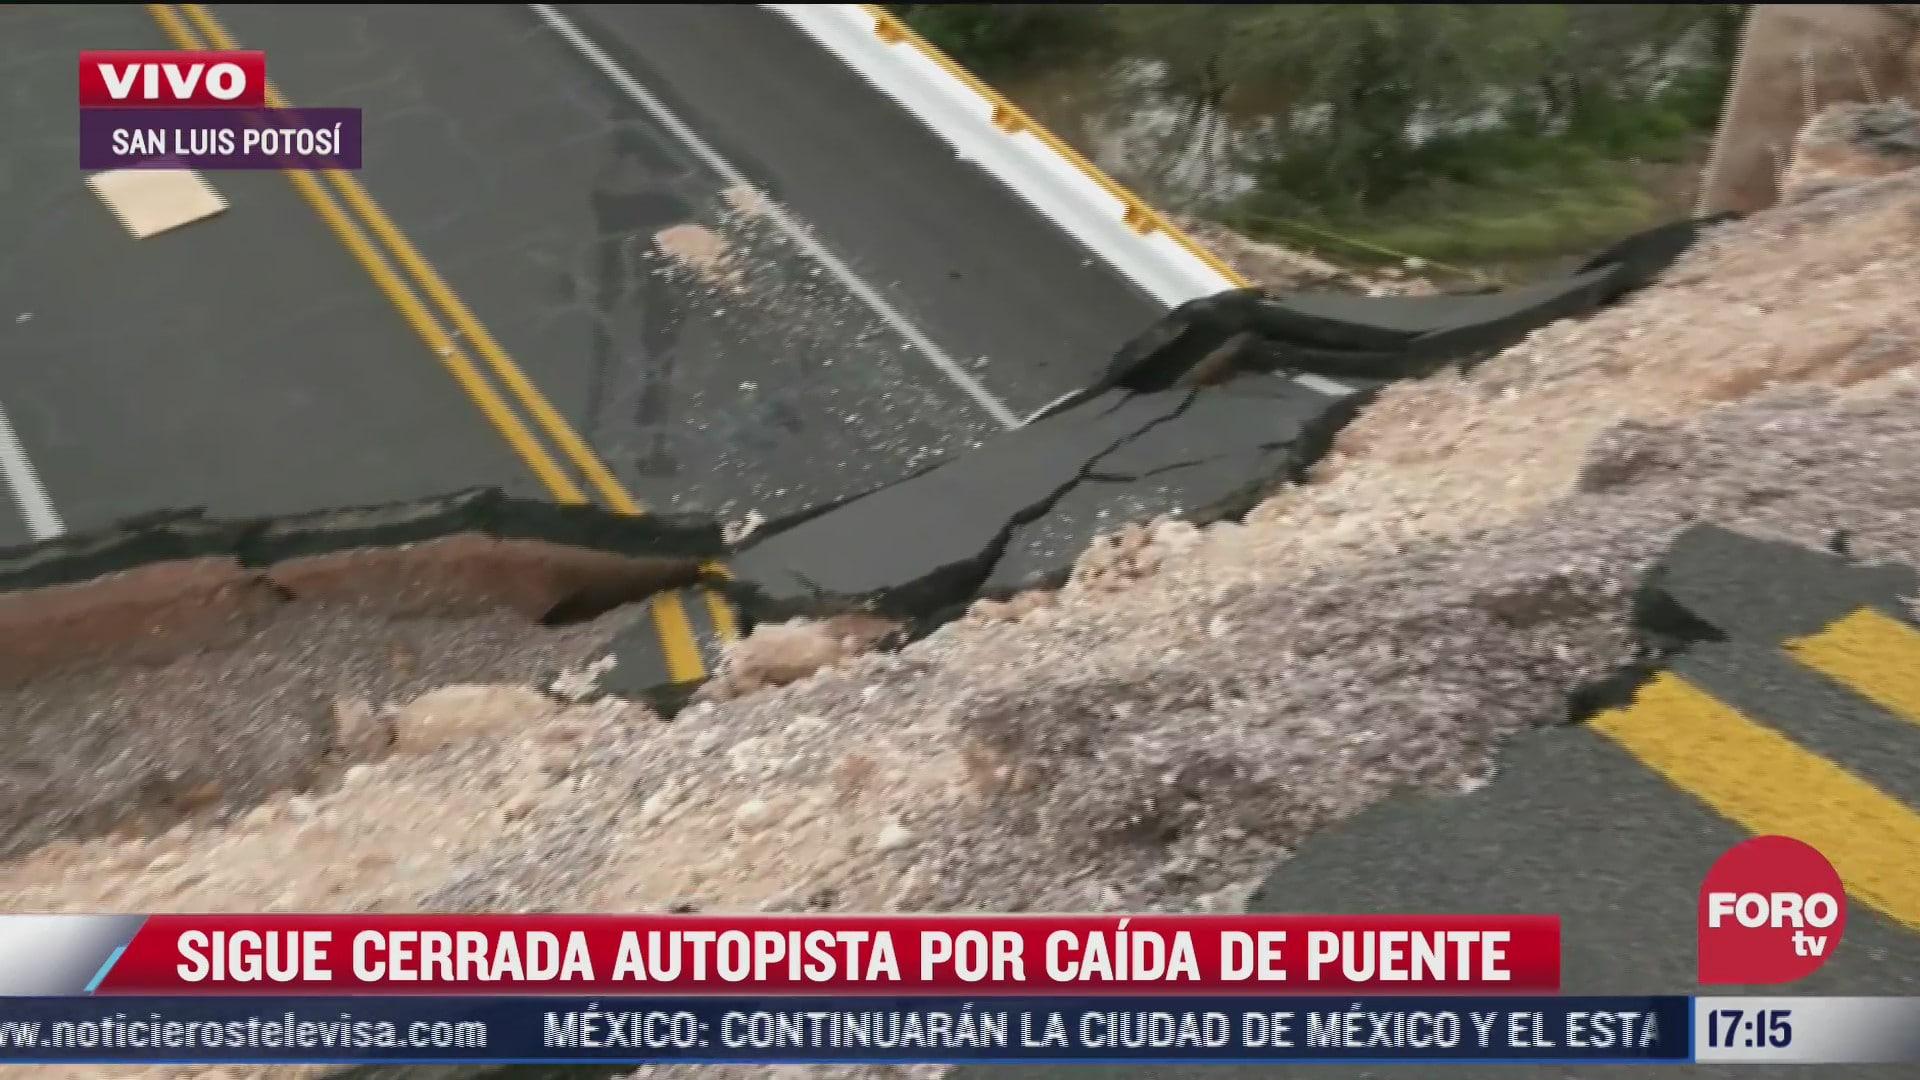 sigue cerrada autopista por caida de puente en san luis potosi